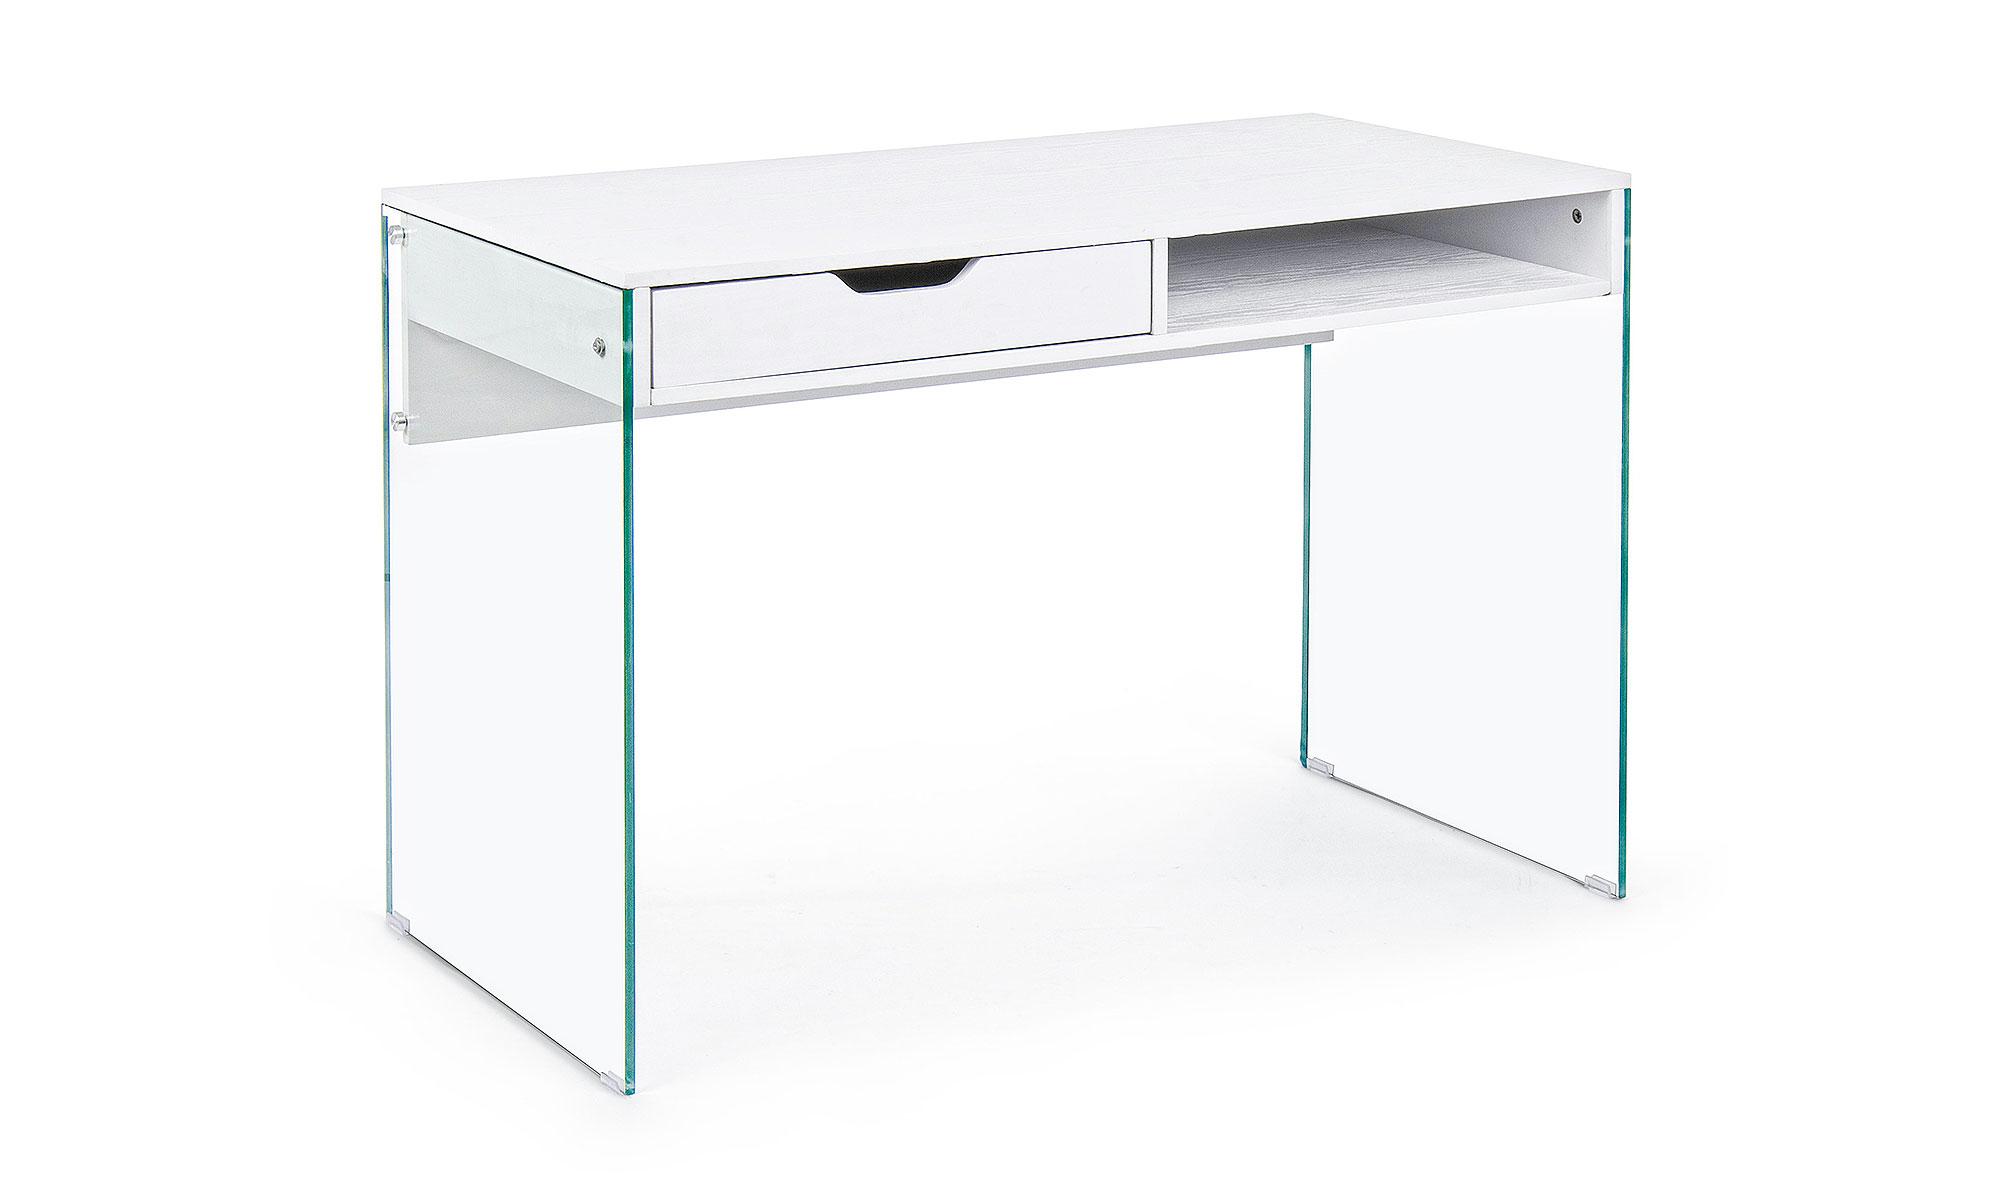 Mesas escritorio diseno dise os arquitect nicos for Muebles escritorio diseno